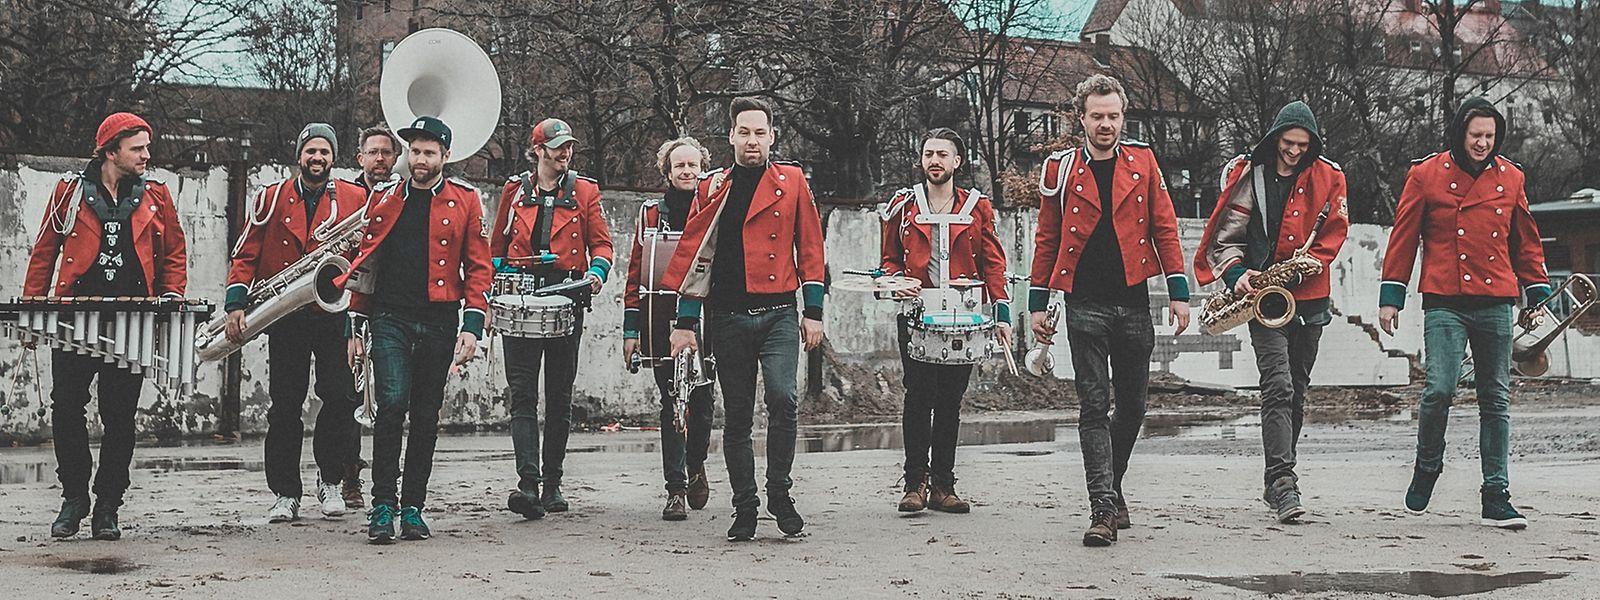 Die Band Meute wurde 2015 gegründet. Die Mitglieder sind alle professionelle Musiker.